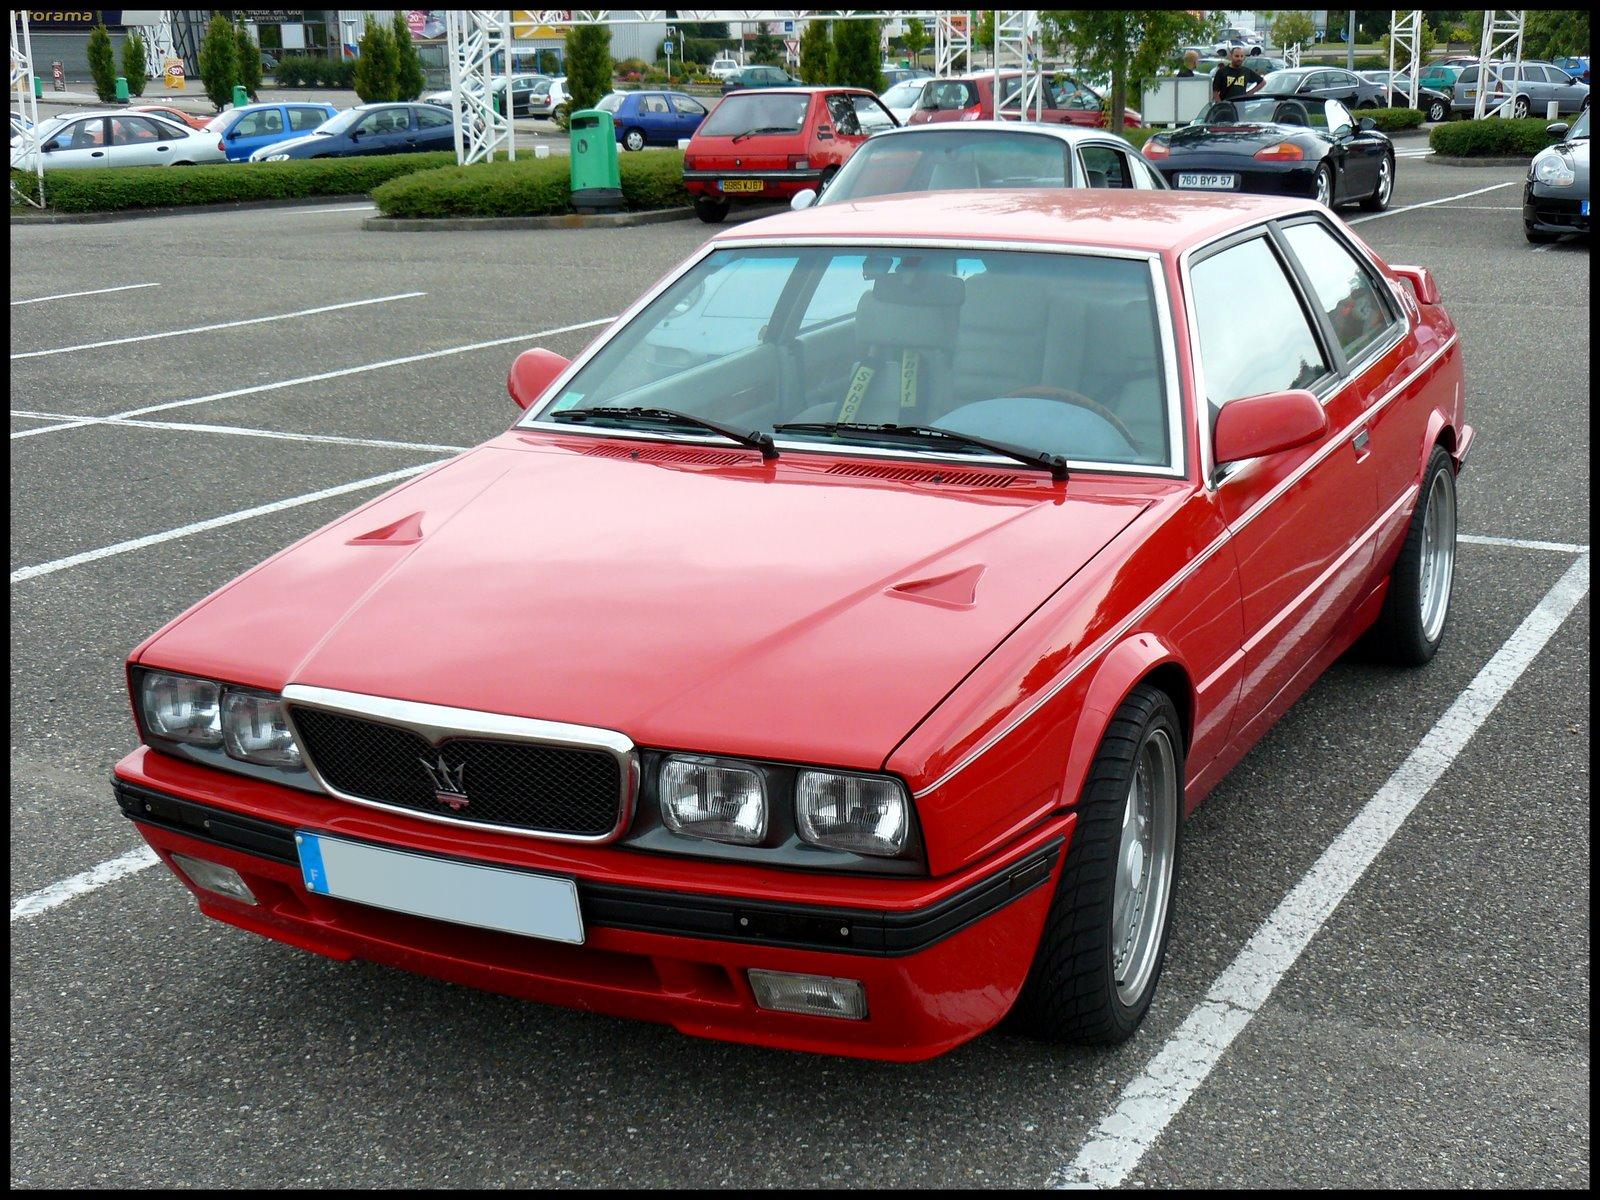 1987 Maserati Biturbo - Pictures - CarGurus